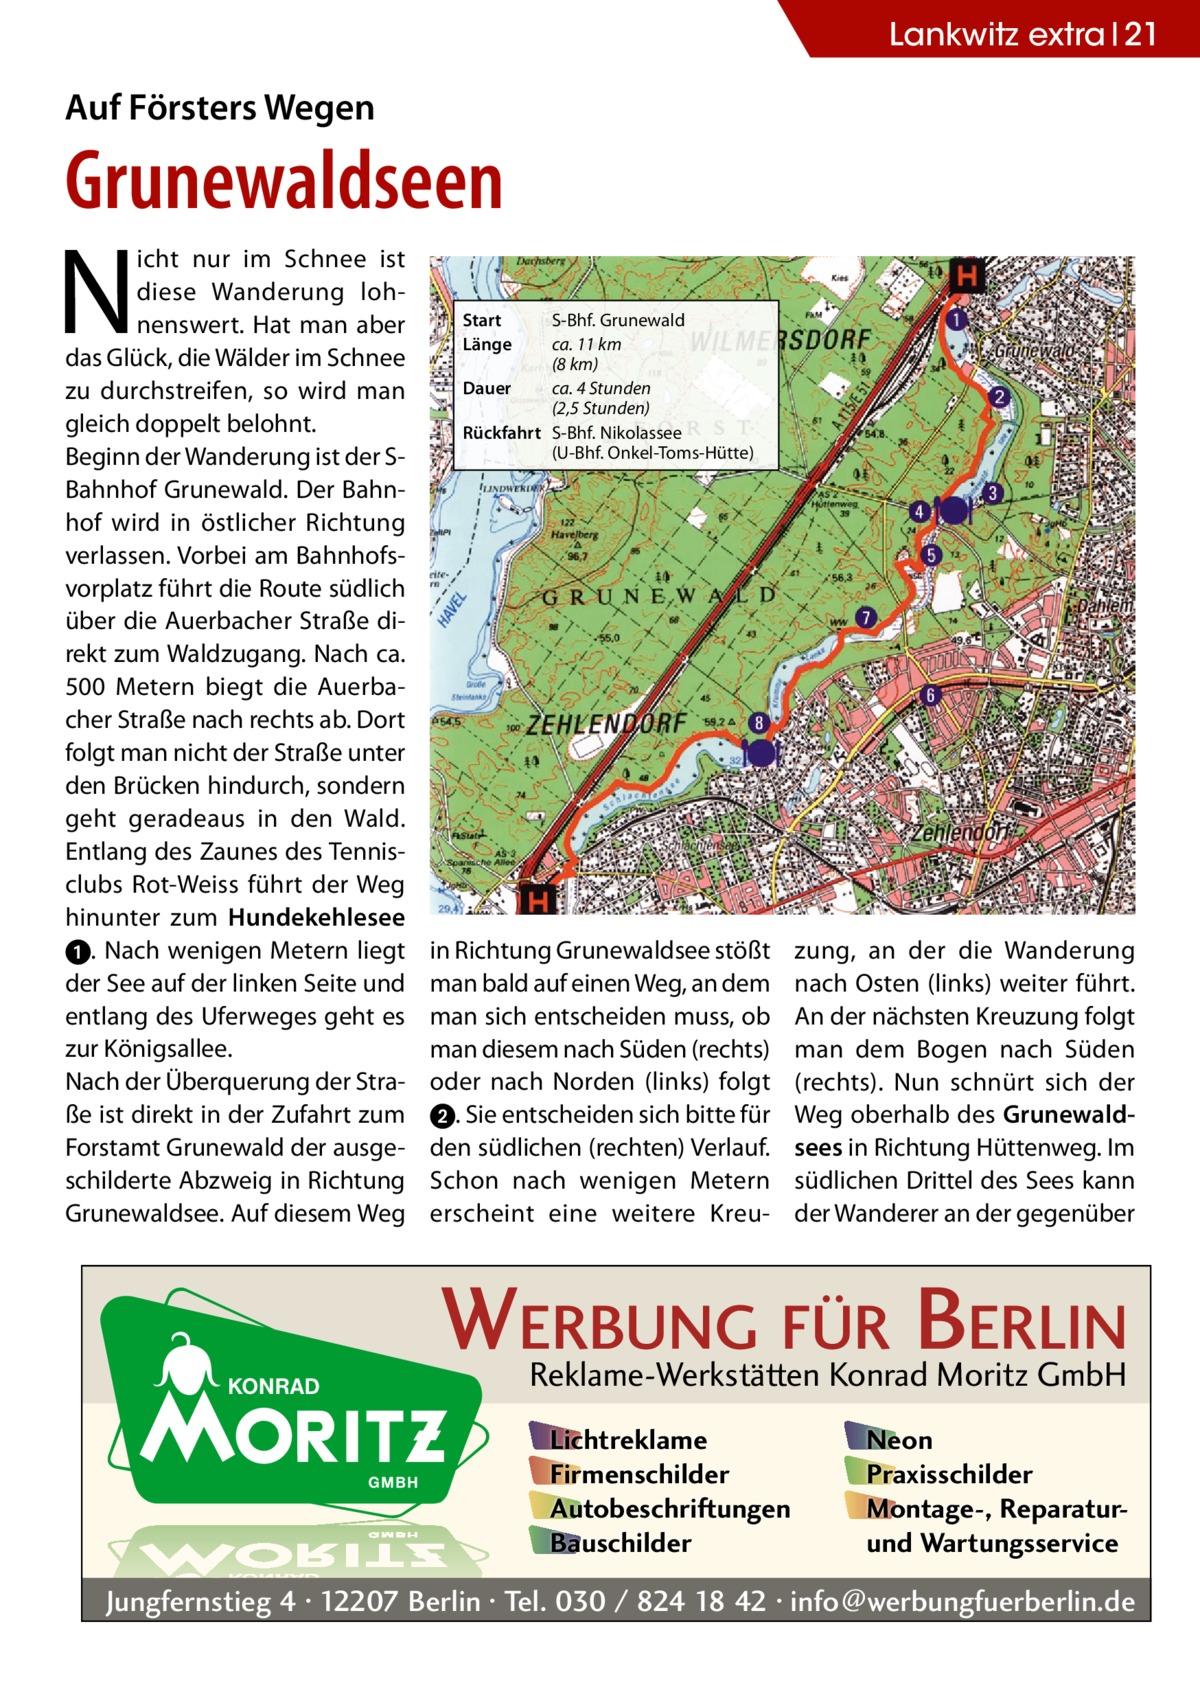 Lankwitz extra 21  Auf Försters Wegen  Grunewaldseen  N  icht nur im Schnee ist diese Wanderung lohnenswert. Hat man aber das Glück, die Wälder im Schnee zu durchstreifen, so wird man gleich doppelt belohnt. Beginn der Wanderung ist der SBahnhof Grunewald. Der Bahnhof wird in östlicher Richtung verlassen. Vorbei am Bahnhofsvorplatz führt die Route südlich über die Auerbacher Straße direkt zum Waldzugang. Nach ca. 500 Metern biegt die Auerbacher Straße nach rechts ab. Dort folgt man nicht der Straße unter den Brücken hindurch, sondern geht geradeaus in den Wald. Entlang des Zaunes des Tennisclubs Rot-Weiss führt der Weg hinunter zum Hundekehlesee ➊. Nach wenigen Metern liegt der See auf der linken Seite und entlang des Uferweges geht es zur Königsallee. Nach der Überquerung der Straße ist direkt in der Zufahrt zum Forstamt Grunewald der ausgeschilderte Abzweig in Richtung Grunewaldsee. Auf diesem Weg  Start Länge  S-Bhf. Grunewald ca. 11km (8km) Dauer ca. 4Stunden (2,5Stunden) Rückfahrt S-Bhf. Nikolassee (U-Bhf. Onkel-Toms-Hütte)  in Richtung Grunewaldsee stößt man bald auf einen Weg, an dem man sich entscheiden muss, ob man diesem nach Süden (rechts) oder nach Norden (links) folgt ➋. Sie entscheiden sich bitte für den südlichen (rechten) Verlauf. Schon nach wenigen Metern erscheint eine weitere Kreu zung, an der die Wanderung nach Osten (links) weiter führt. An der nächsten Kreuzung folgt man dem Bogen nach Süden (rechts). Nun schnürt sich der Weg oberhalb des Grunewaldsees in Richtung Hüttenweg. Im südlichen Drittel des Sees kann der Wanderer an der gegenüber  WERBUNG FÜR BERLIN Reklame-Werkstätten Konrad Moritz GmbH Lichtreklame Firmenschilder Autobeschriftungen Bauschilder  Neon Praxisschilder Montage-, Reparaturund Wartungsservice  Jungfernstieg 4 · 12207 Berlin · Tel. 030 / 824 18 42 · info@werbungfuerberlin.de